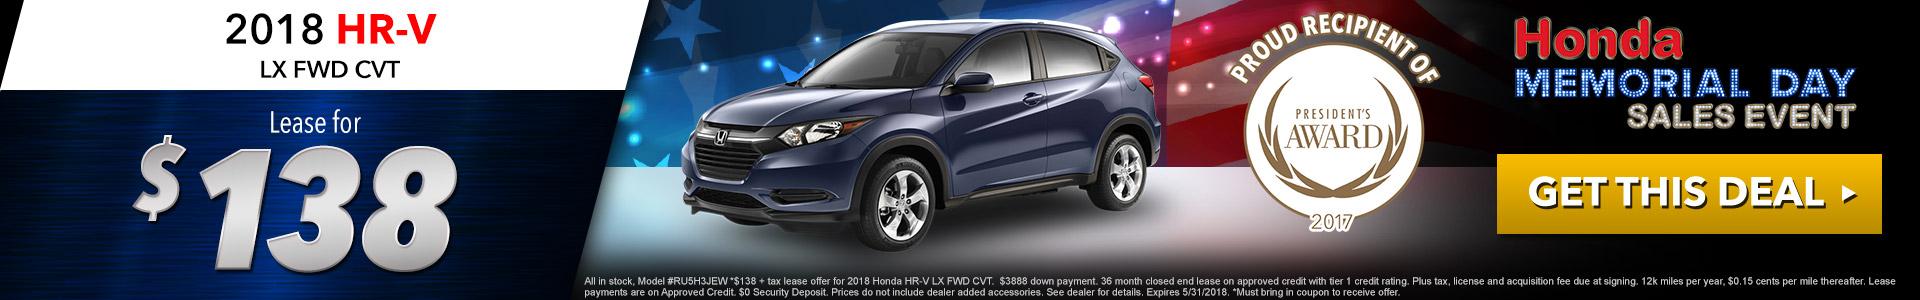 Honda HR-V $138 Lease